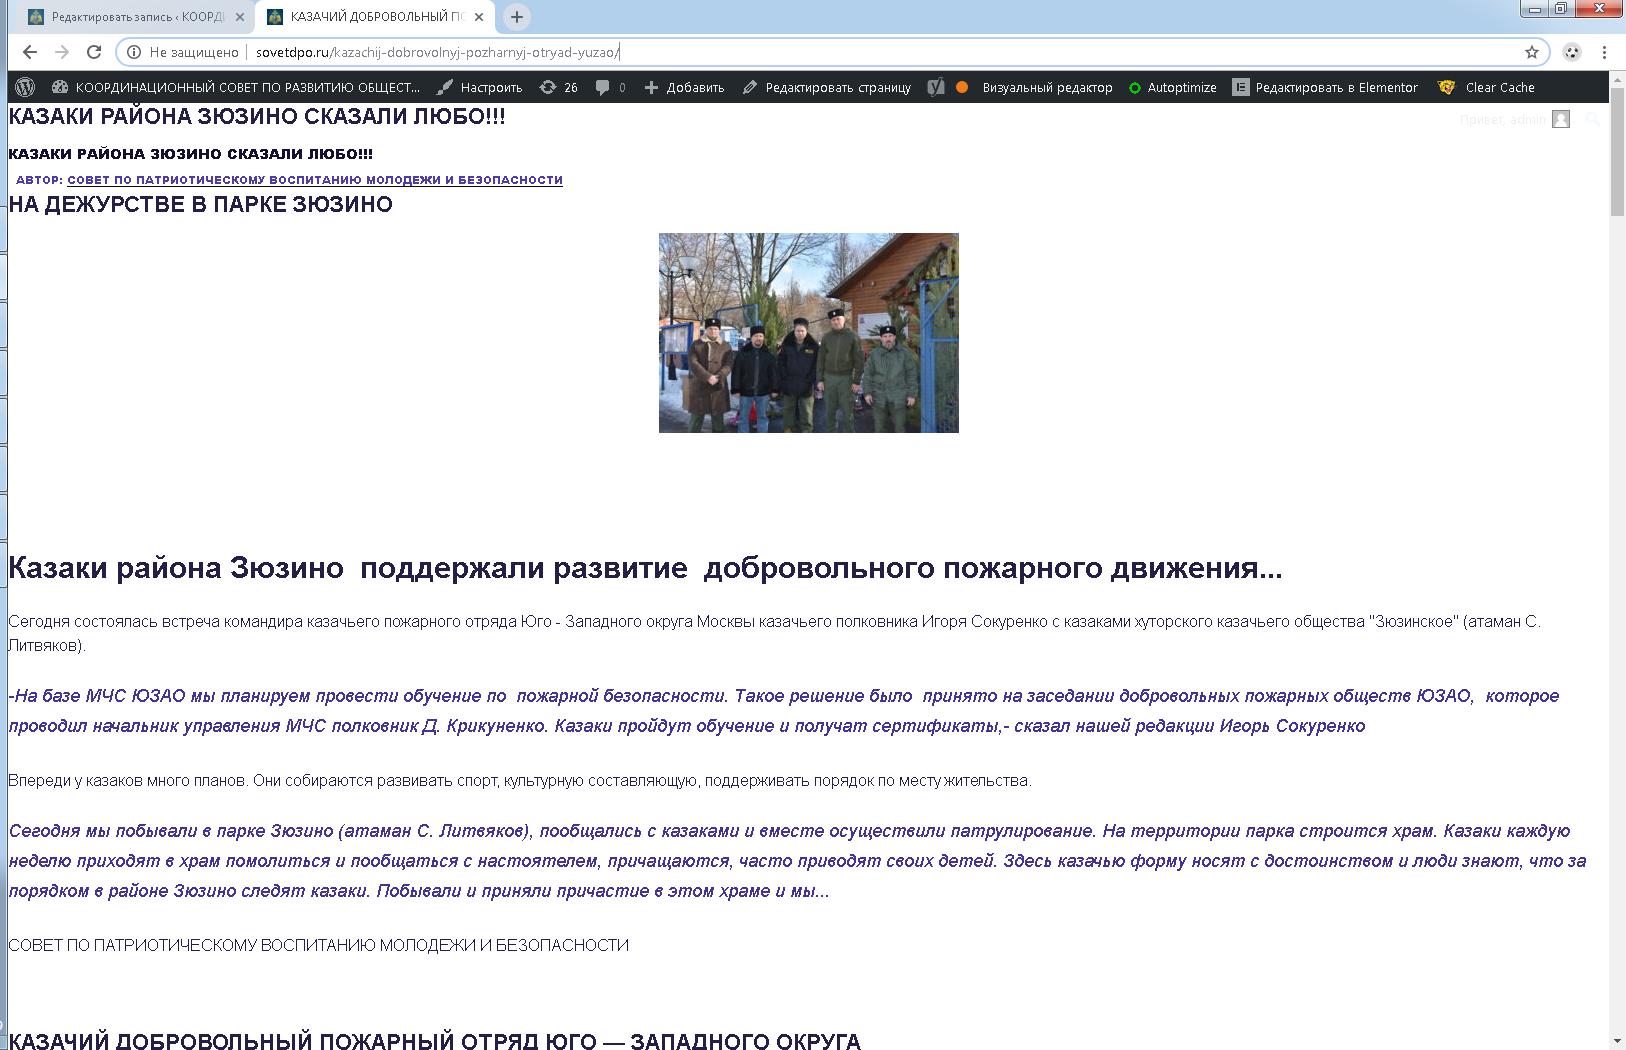 http://sovetdpo.ru/kazachij-dobrovolnyj-pozharnyj-otryad-yuzao/